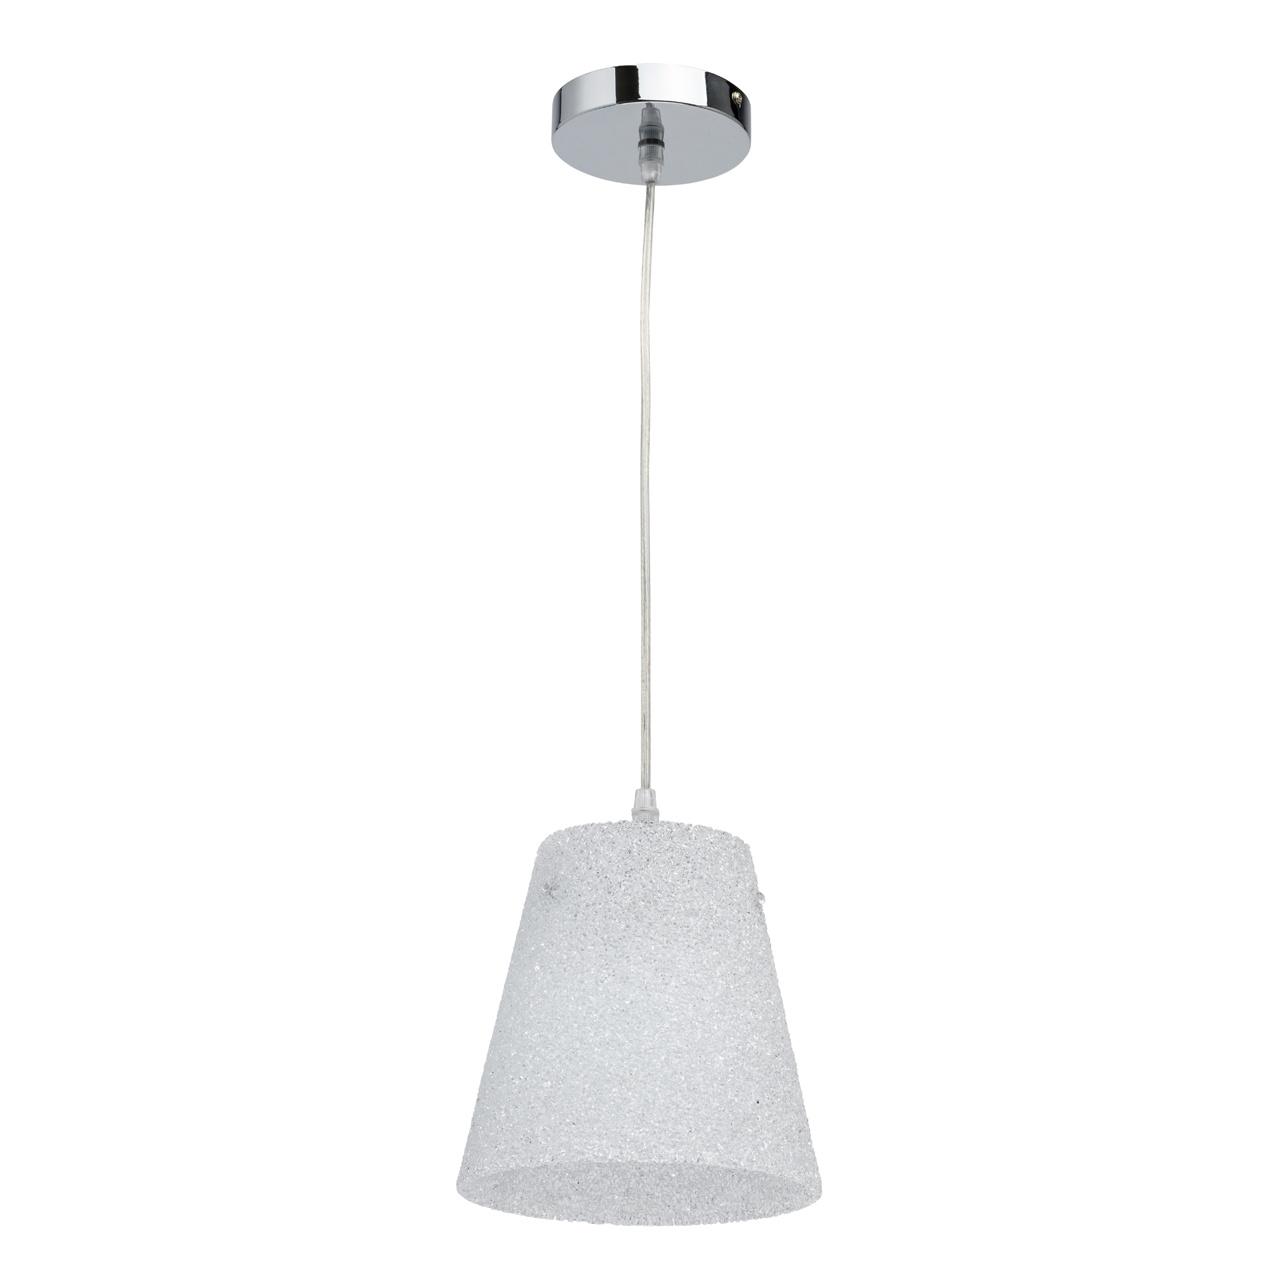 Подвесной светильник De Markt 703010601 regenbogen life подвесной светильник перегрина